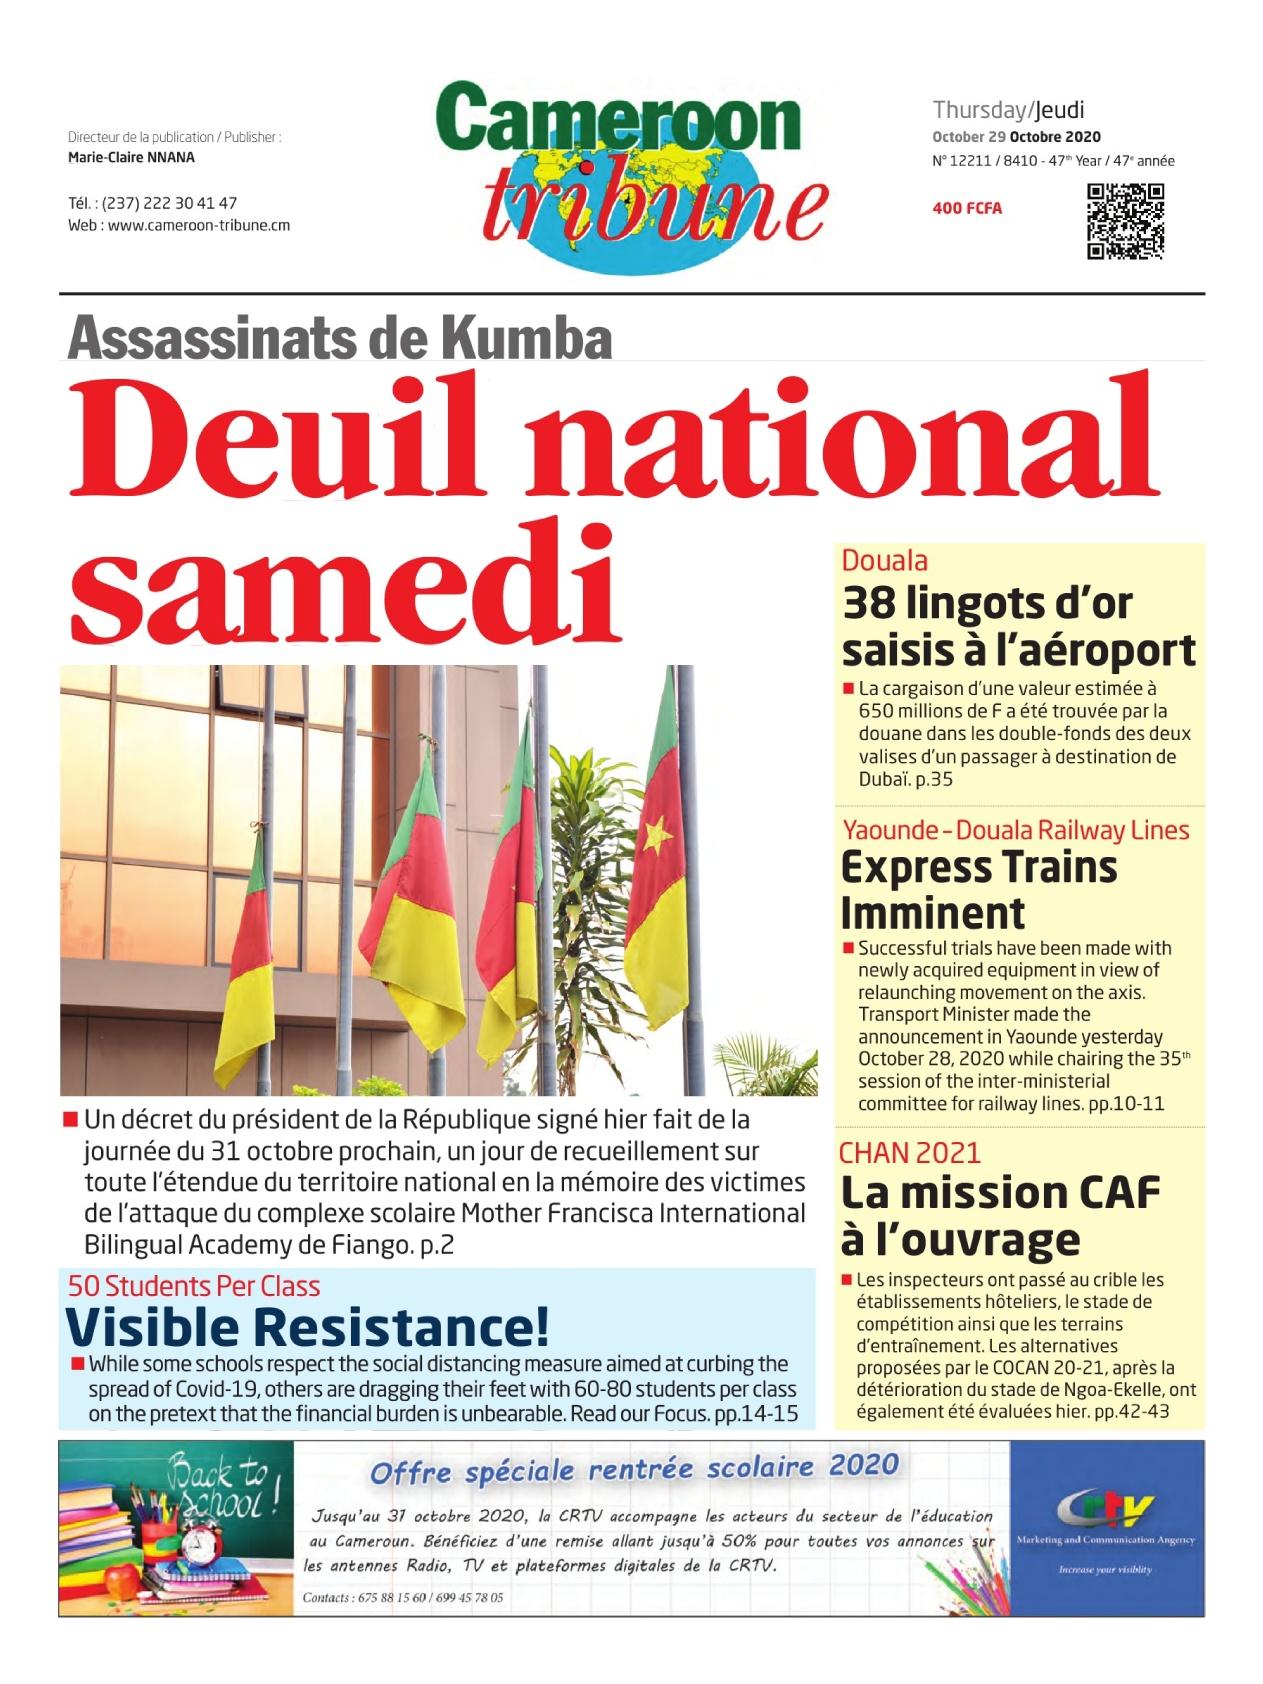 Cameroon Tribune - 29/10/2020